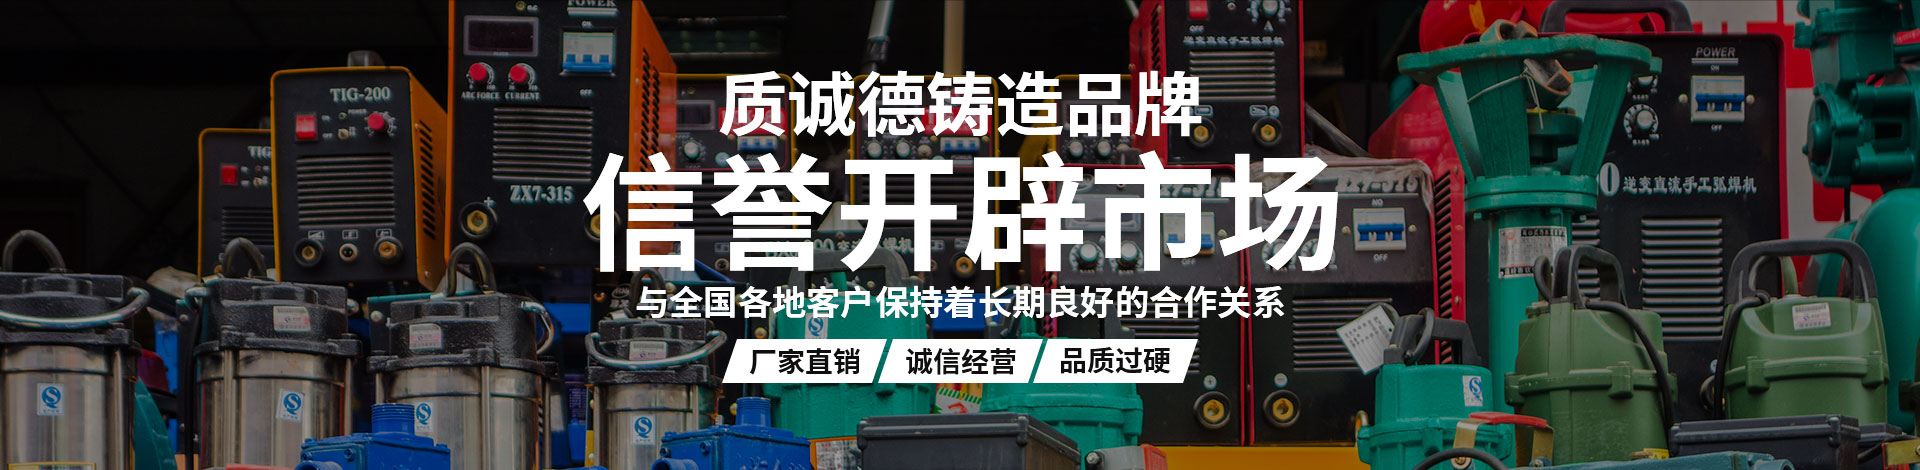 上海奉烨自动化科技有限公司